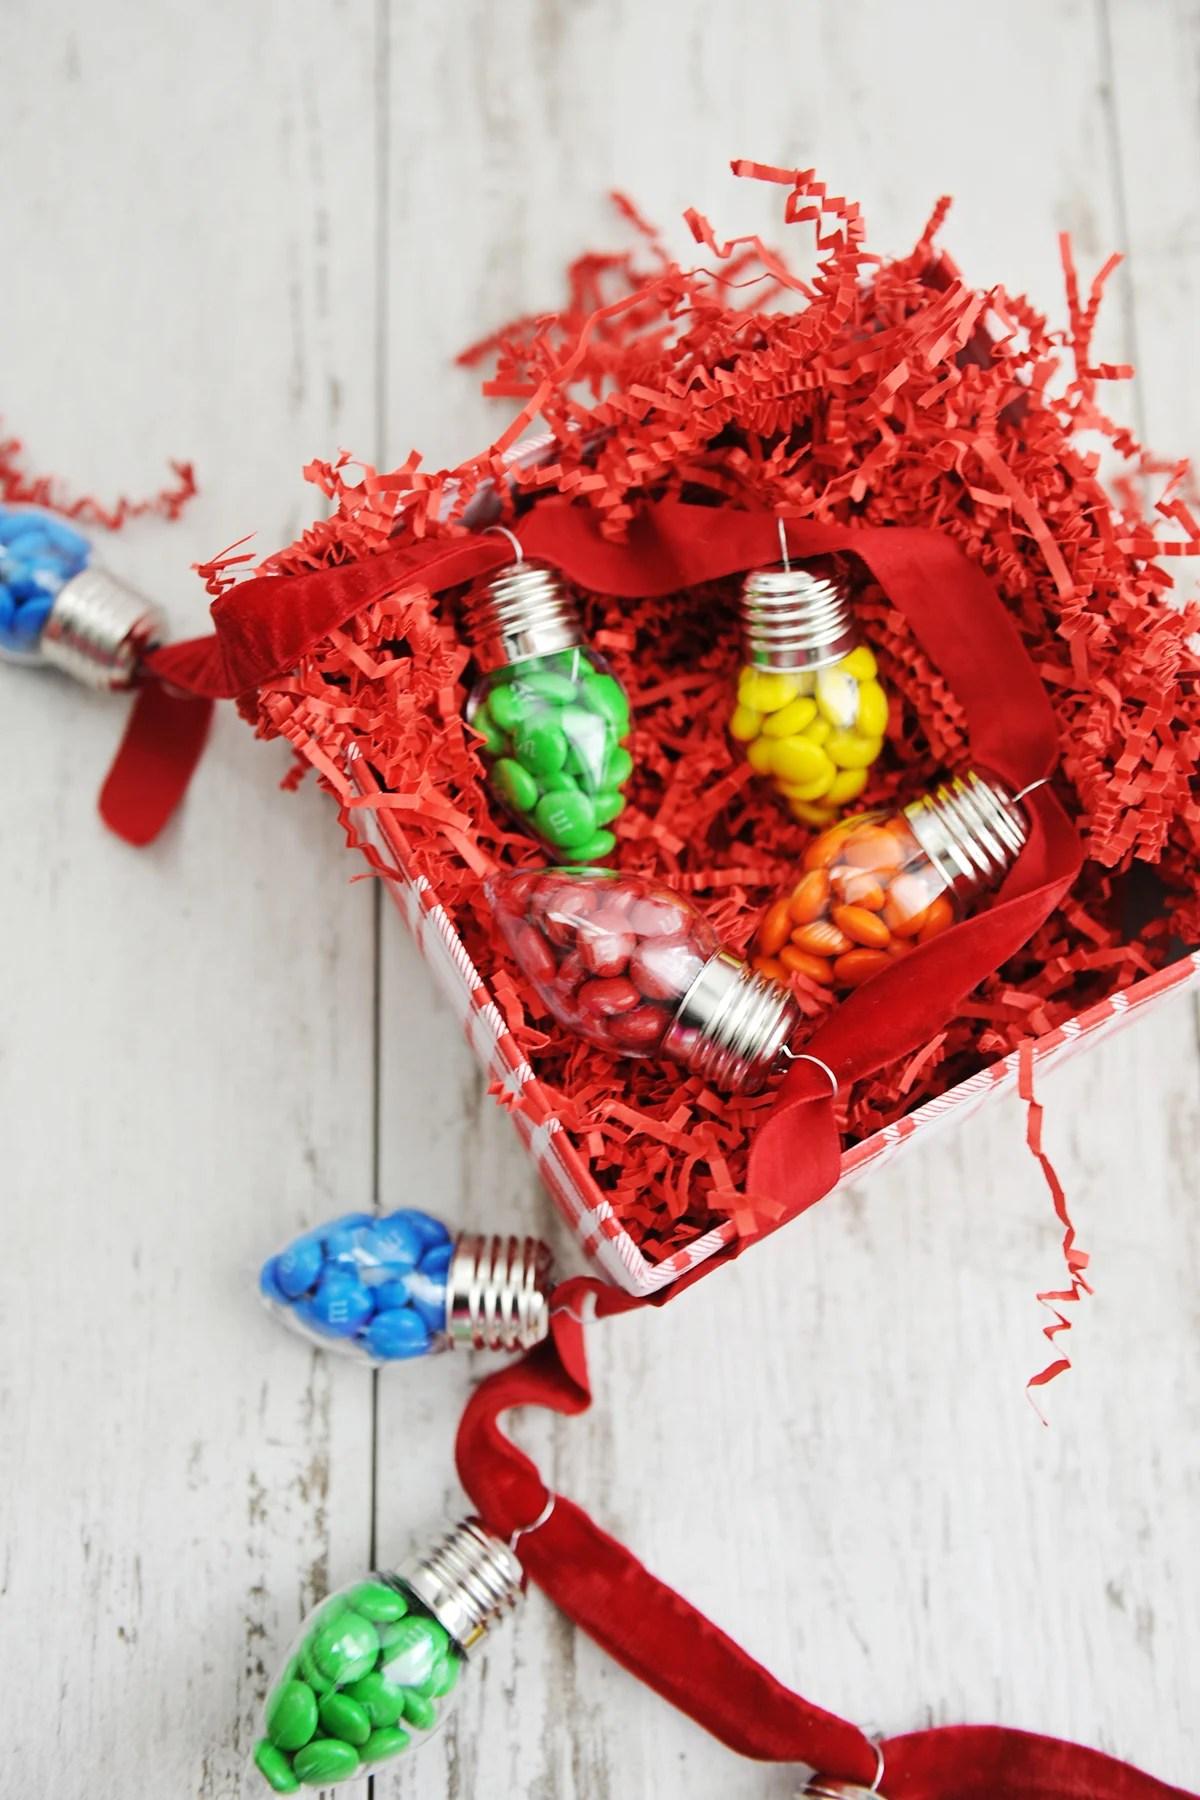 Creative Diy Teacher Gift Diy Teacher Gift Idea Free Printable Pink Peppermint Teacher Gifts Amazon Teacher Gifts From Pto gifts Teacher Christmas Gifts